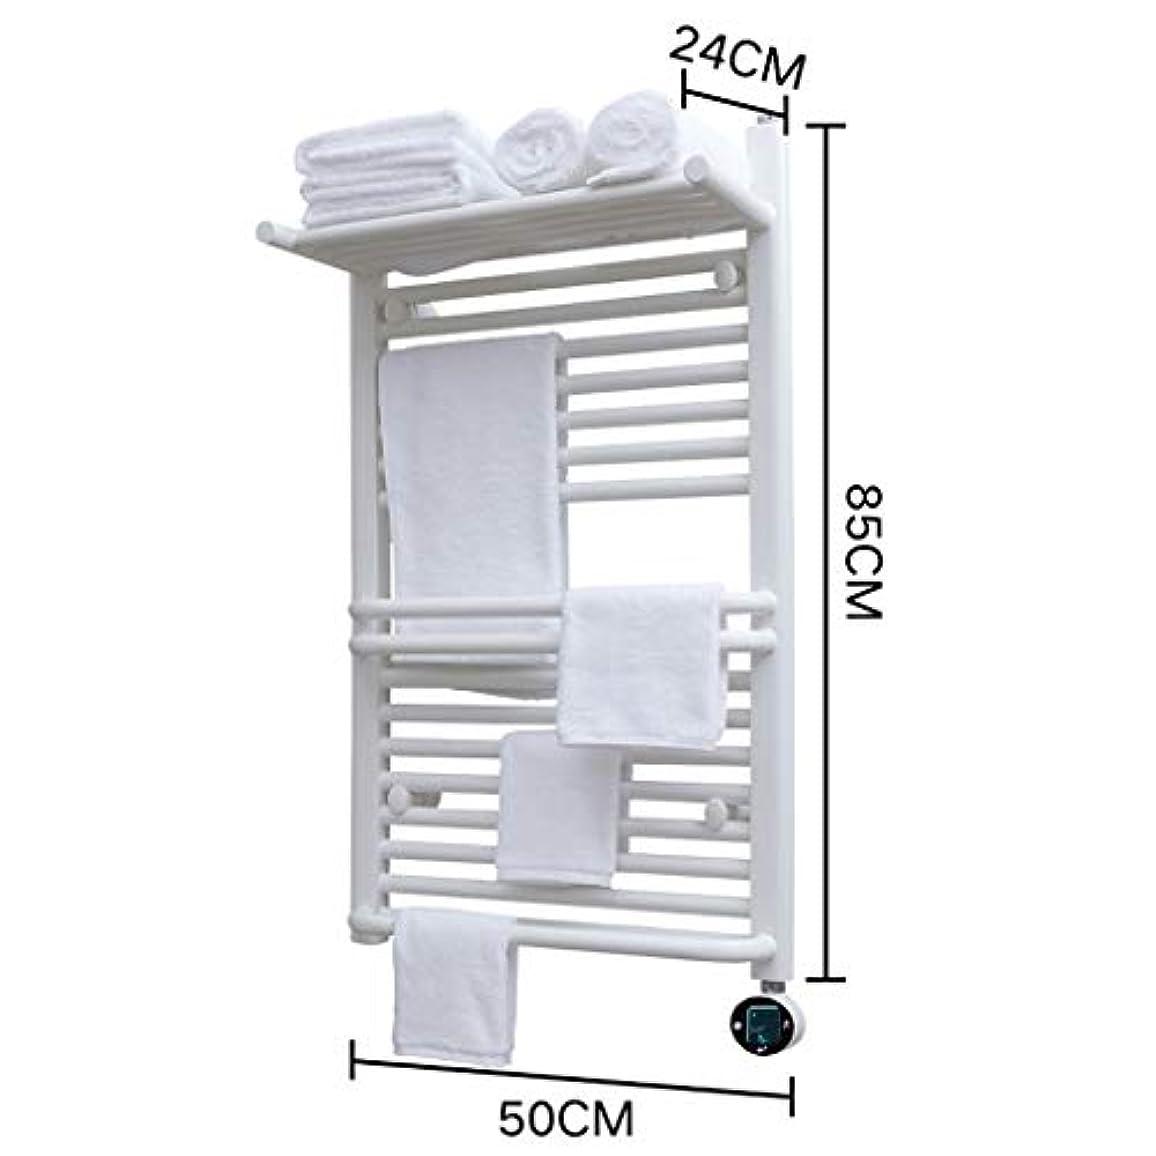 グレー支配する明確なWHJ@ 熱くするタオルレールの無煙炭の浴室のラジエーター、4つのサイズ、白くおよび黒、IPX4防水、一定した温度